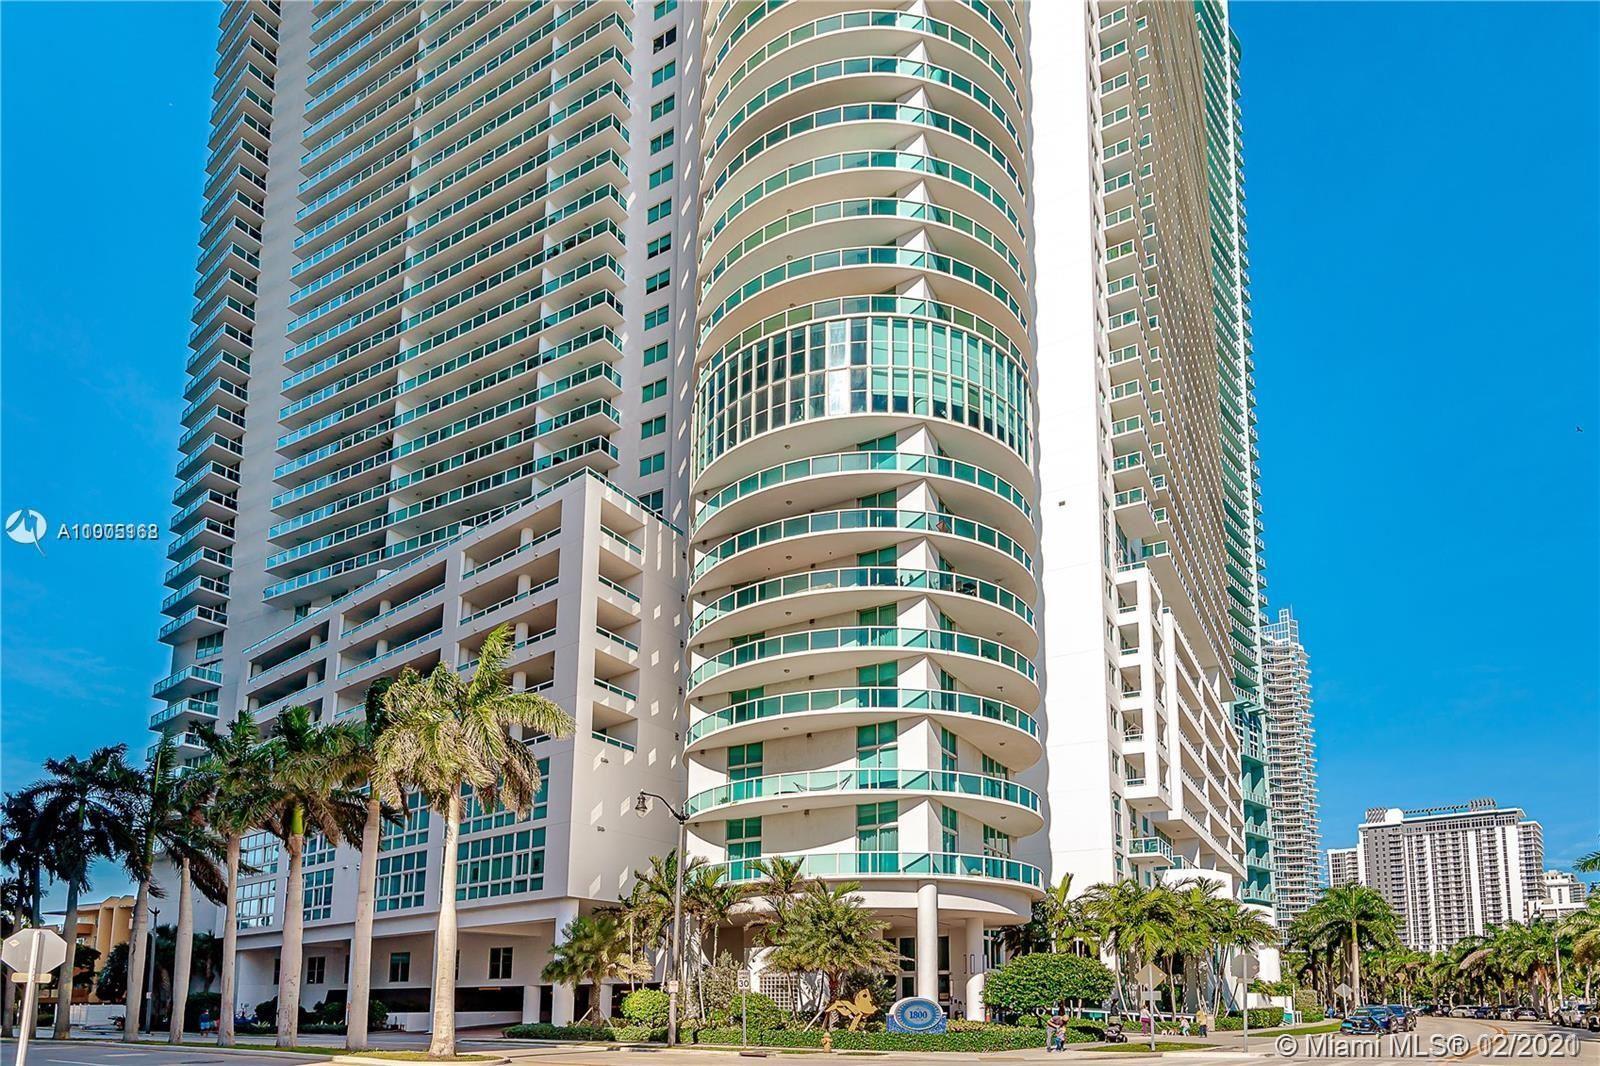 1800 N Bayshore Dr #2606, Miami, FL 33132 - #: A11005168